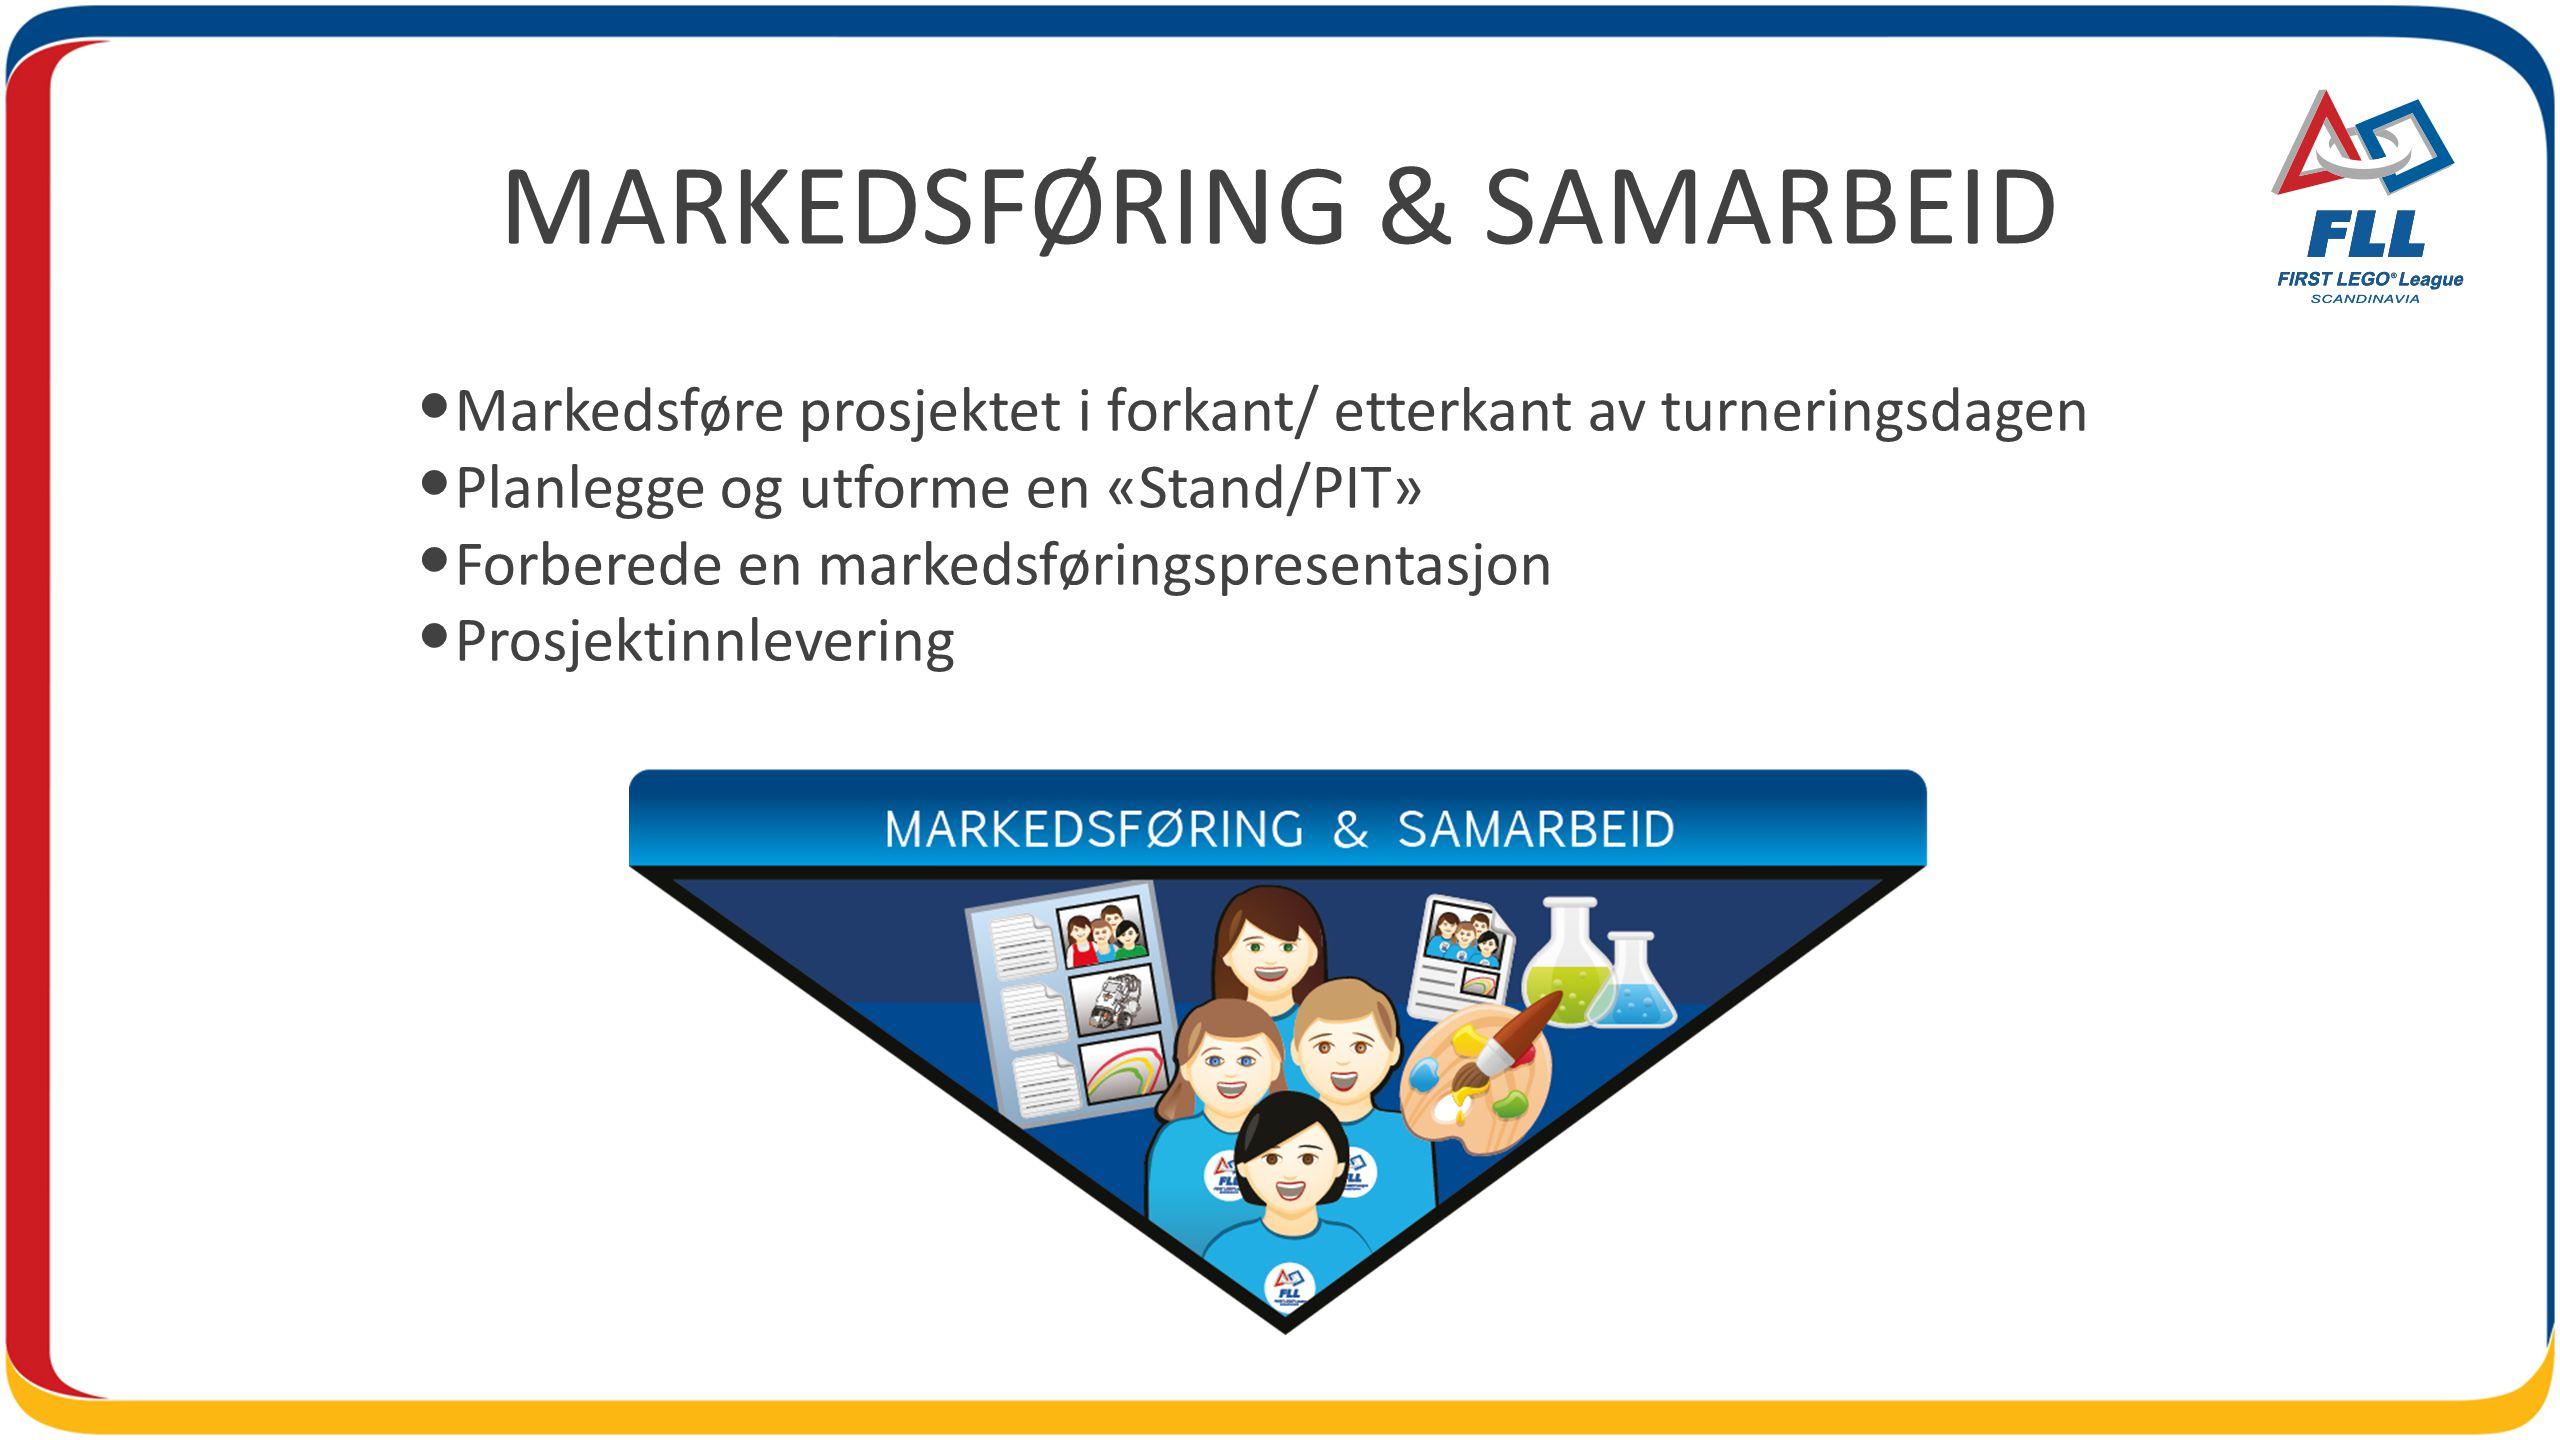 MARKEDSFØRING & SAMARBEID • Markedsføre prosjektet i forkant/ etterkant av turneringsdagen • Planlegge og utforme en «Stand/PIT» • Forberede en markedsføringspresentasjon • Prosjektinnlevering